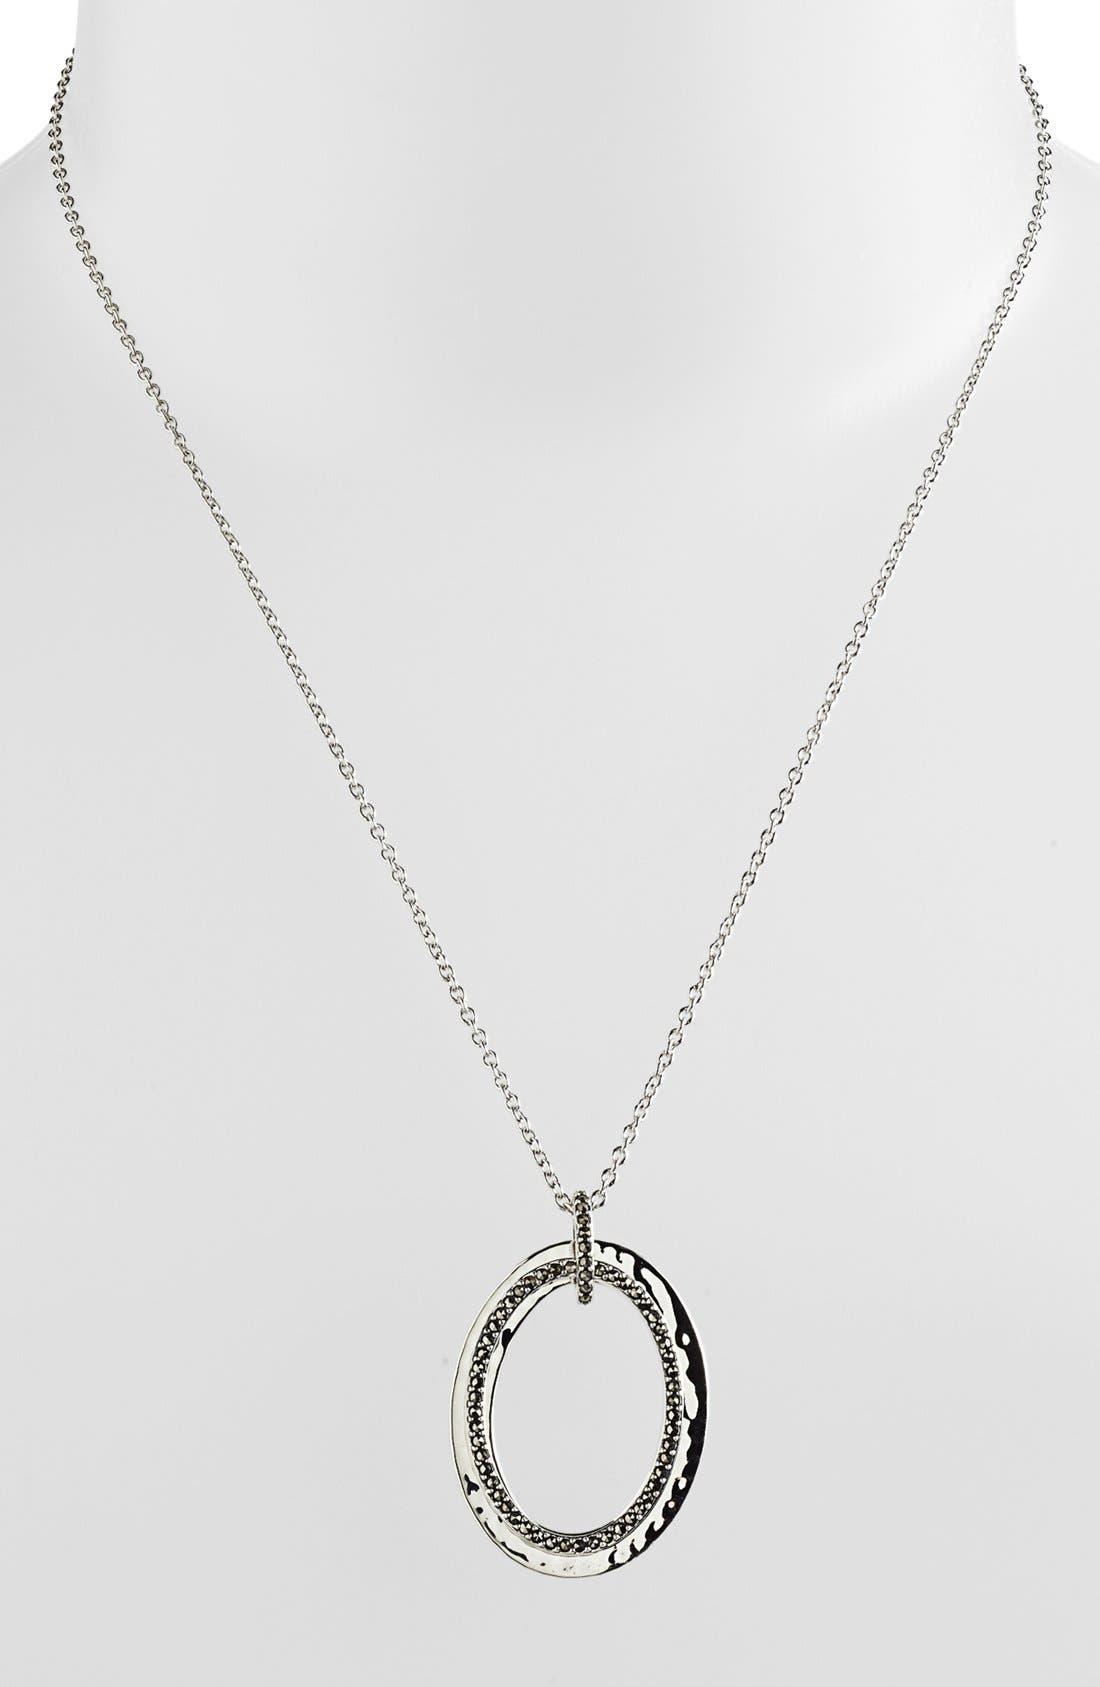 Main Image - Judith Jack 'Halo' Pendant Necklace